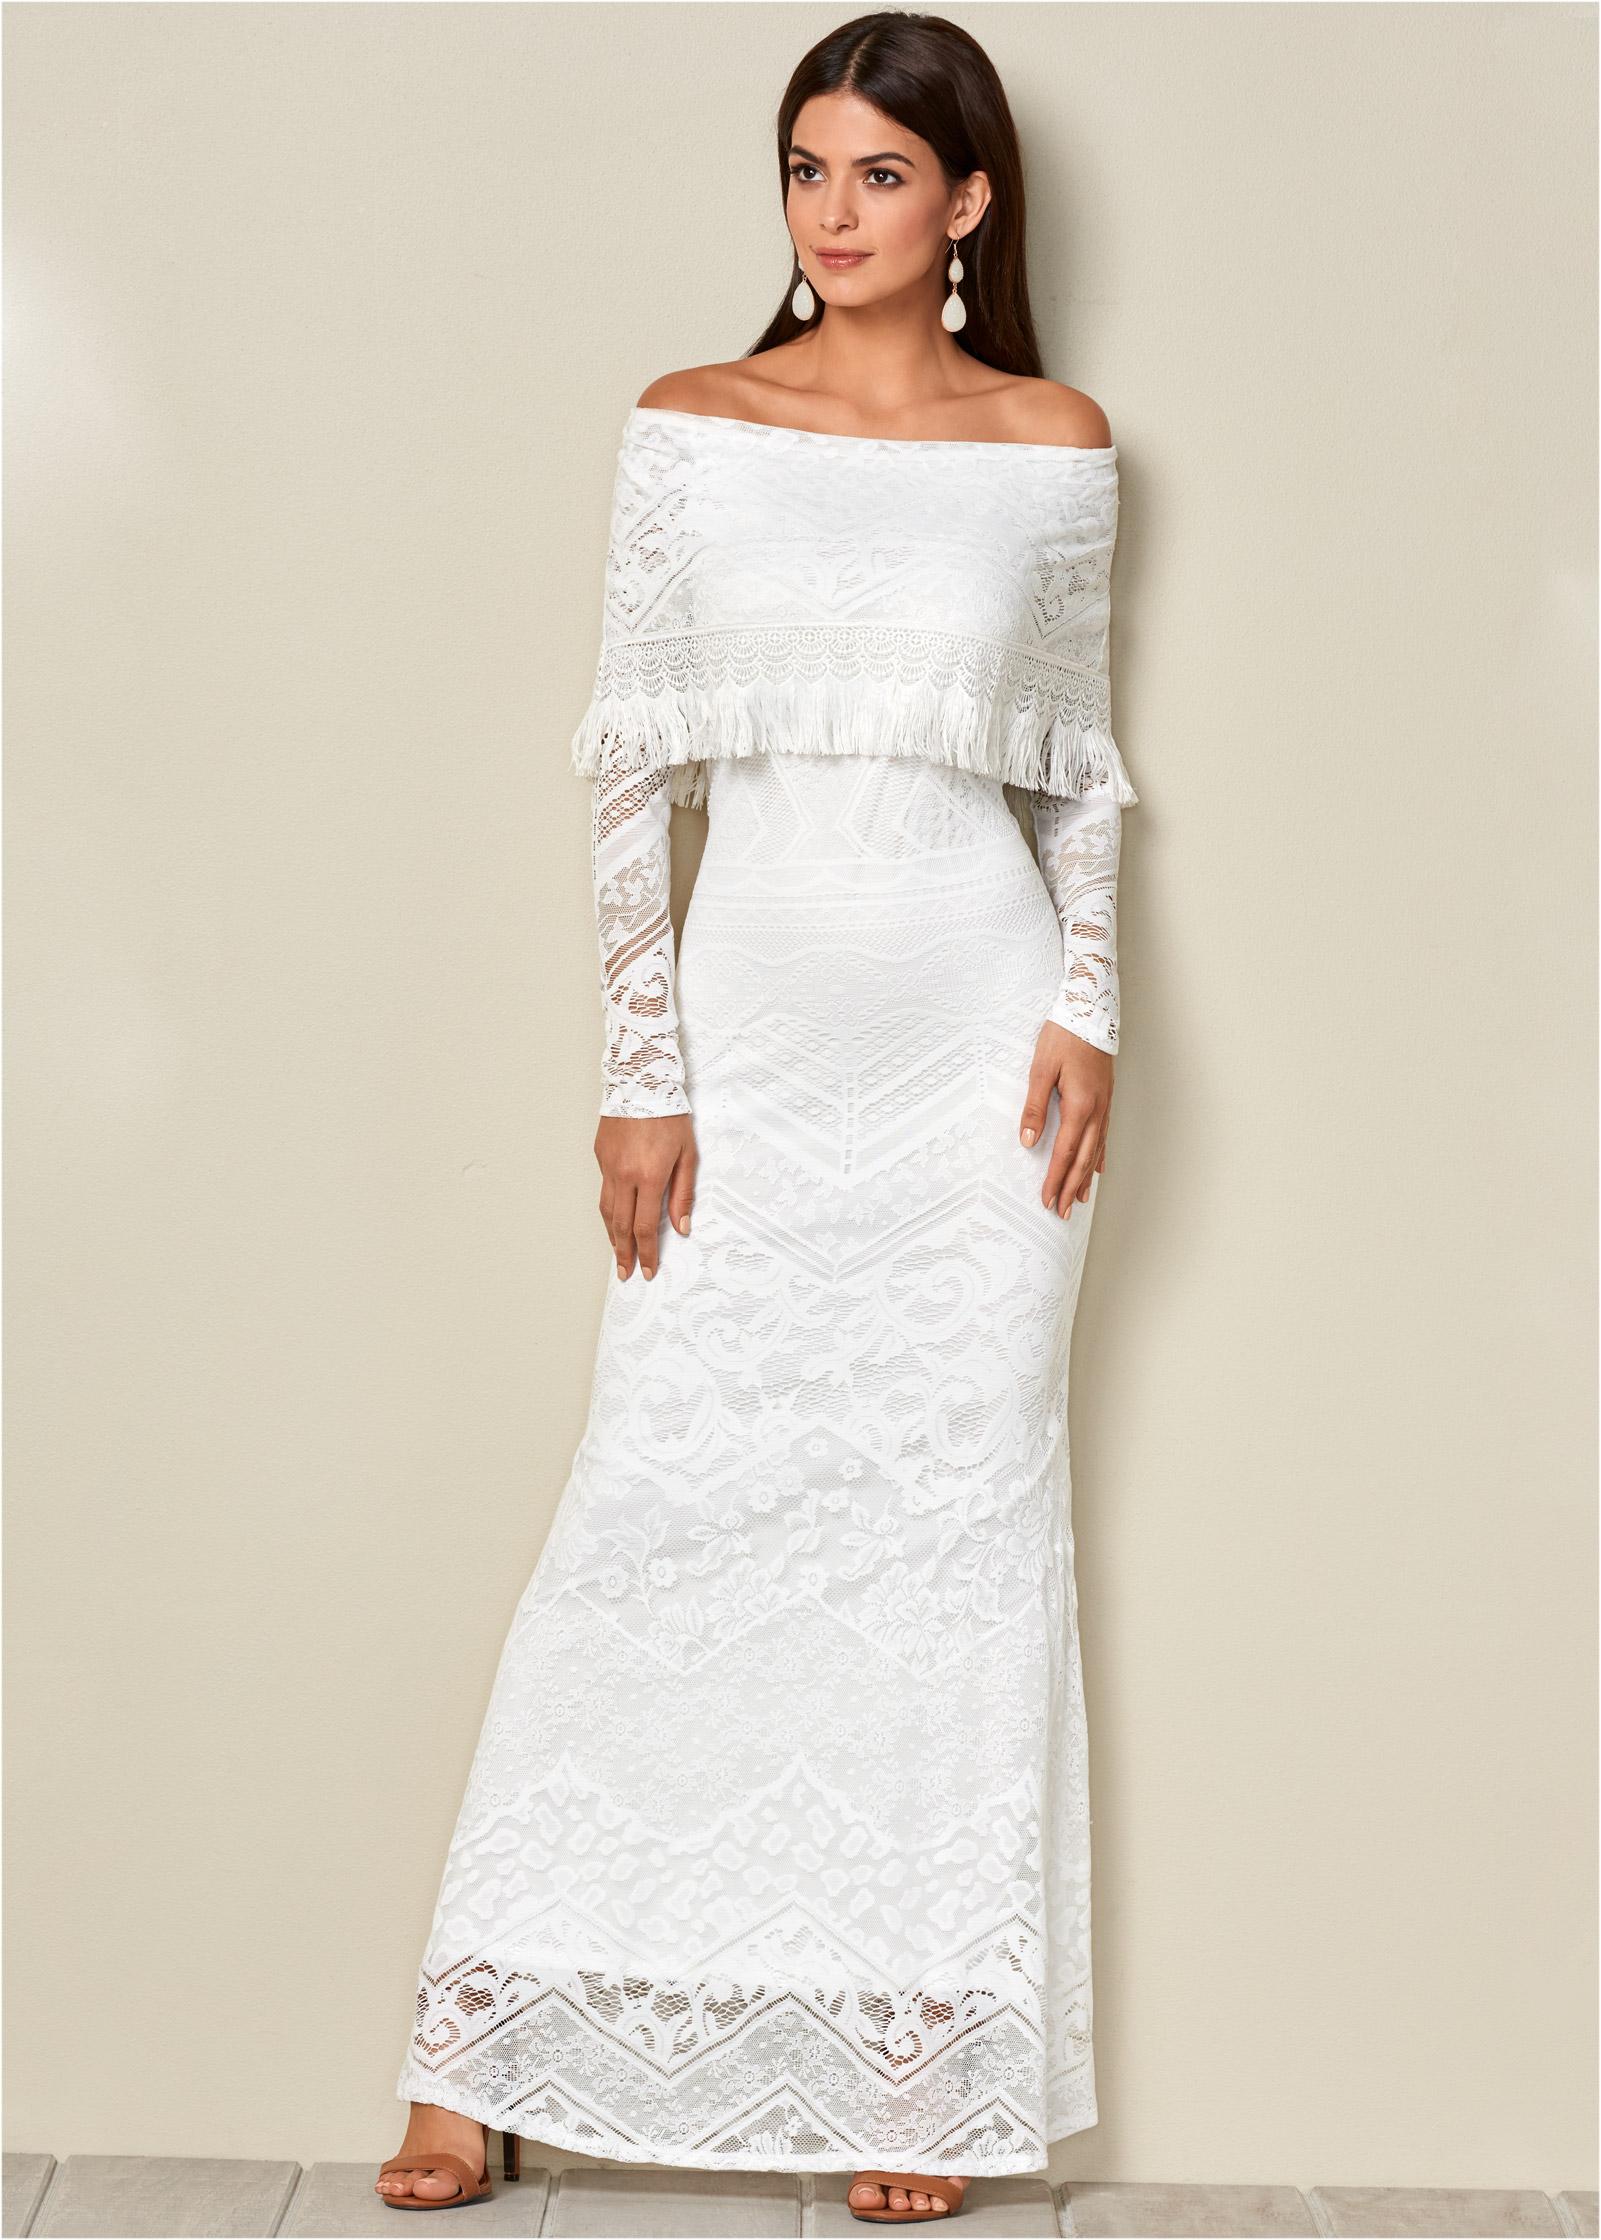 LACE MAXI DRESS in White | VENUS